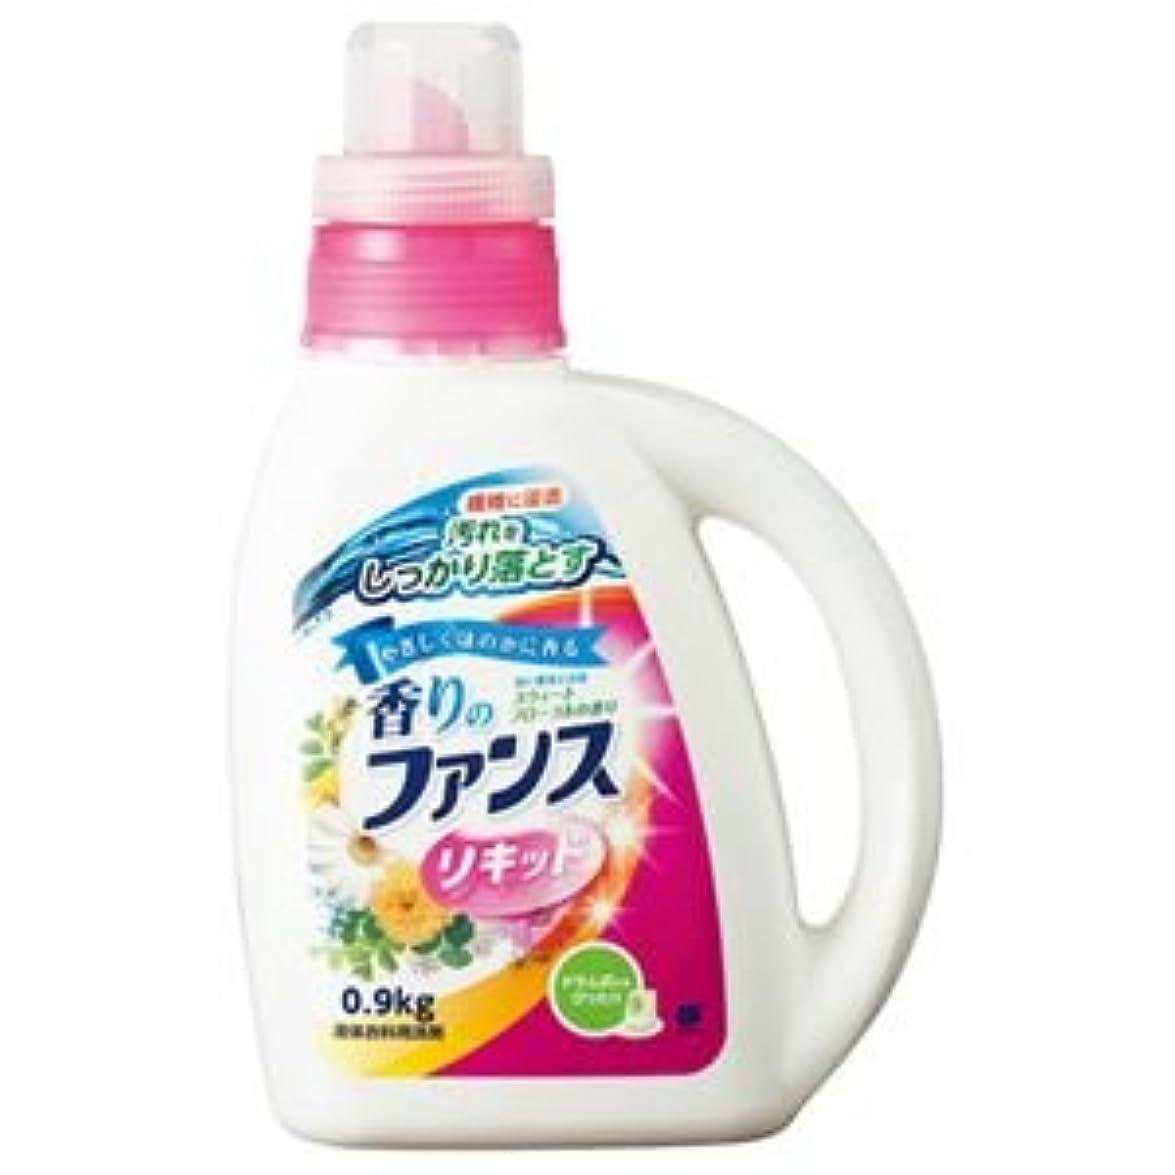 曲げるシーボード分析的(まとめ) 第一石鹸 香りのファンス 液体衣料用洗剤リキッド 本体 0.9kg 1本 【×10セット】